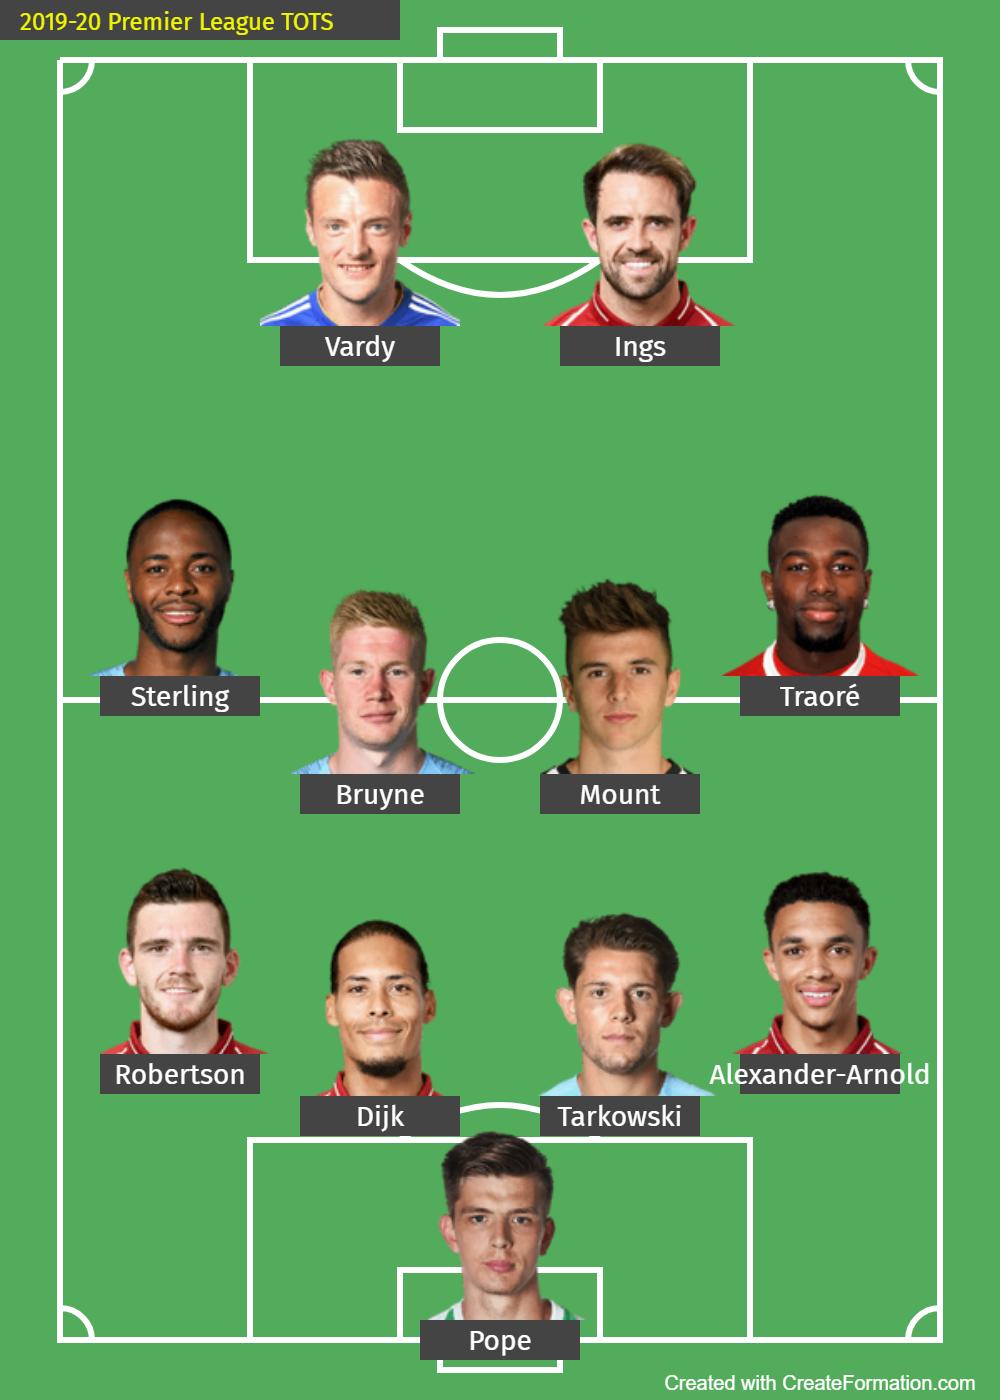 2019-20 Premier League TOTS